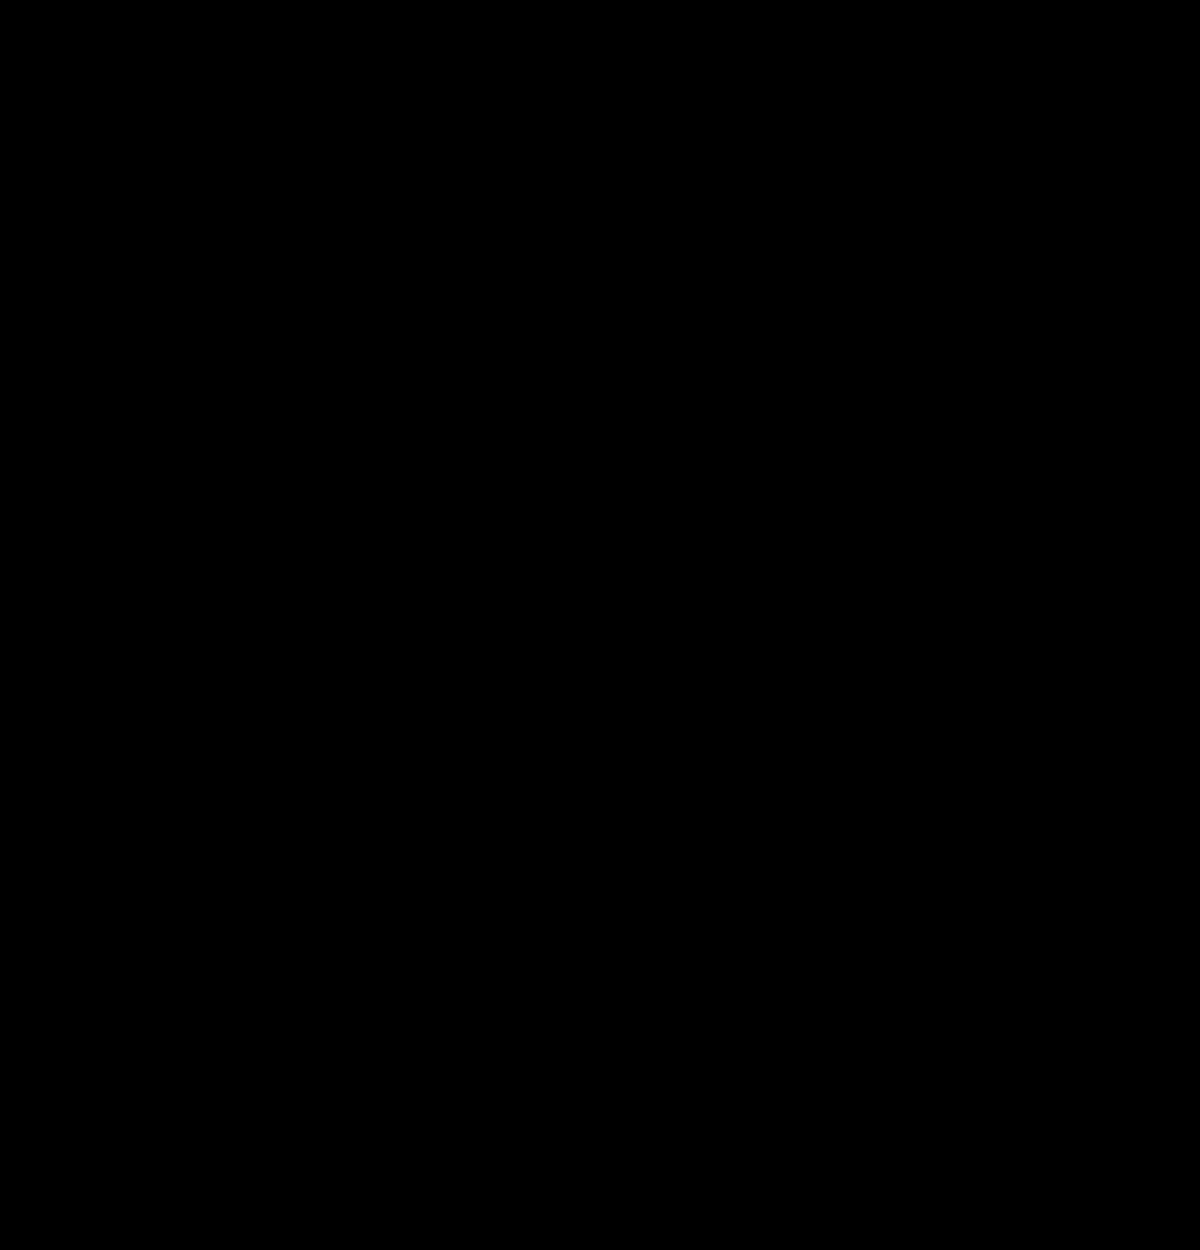 Pentagonal-spiral-layer5